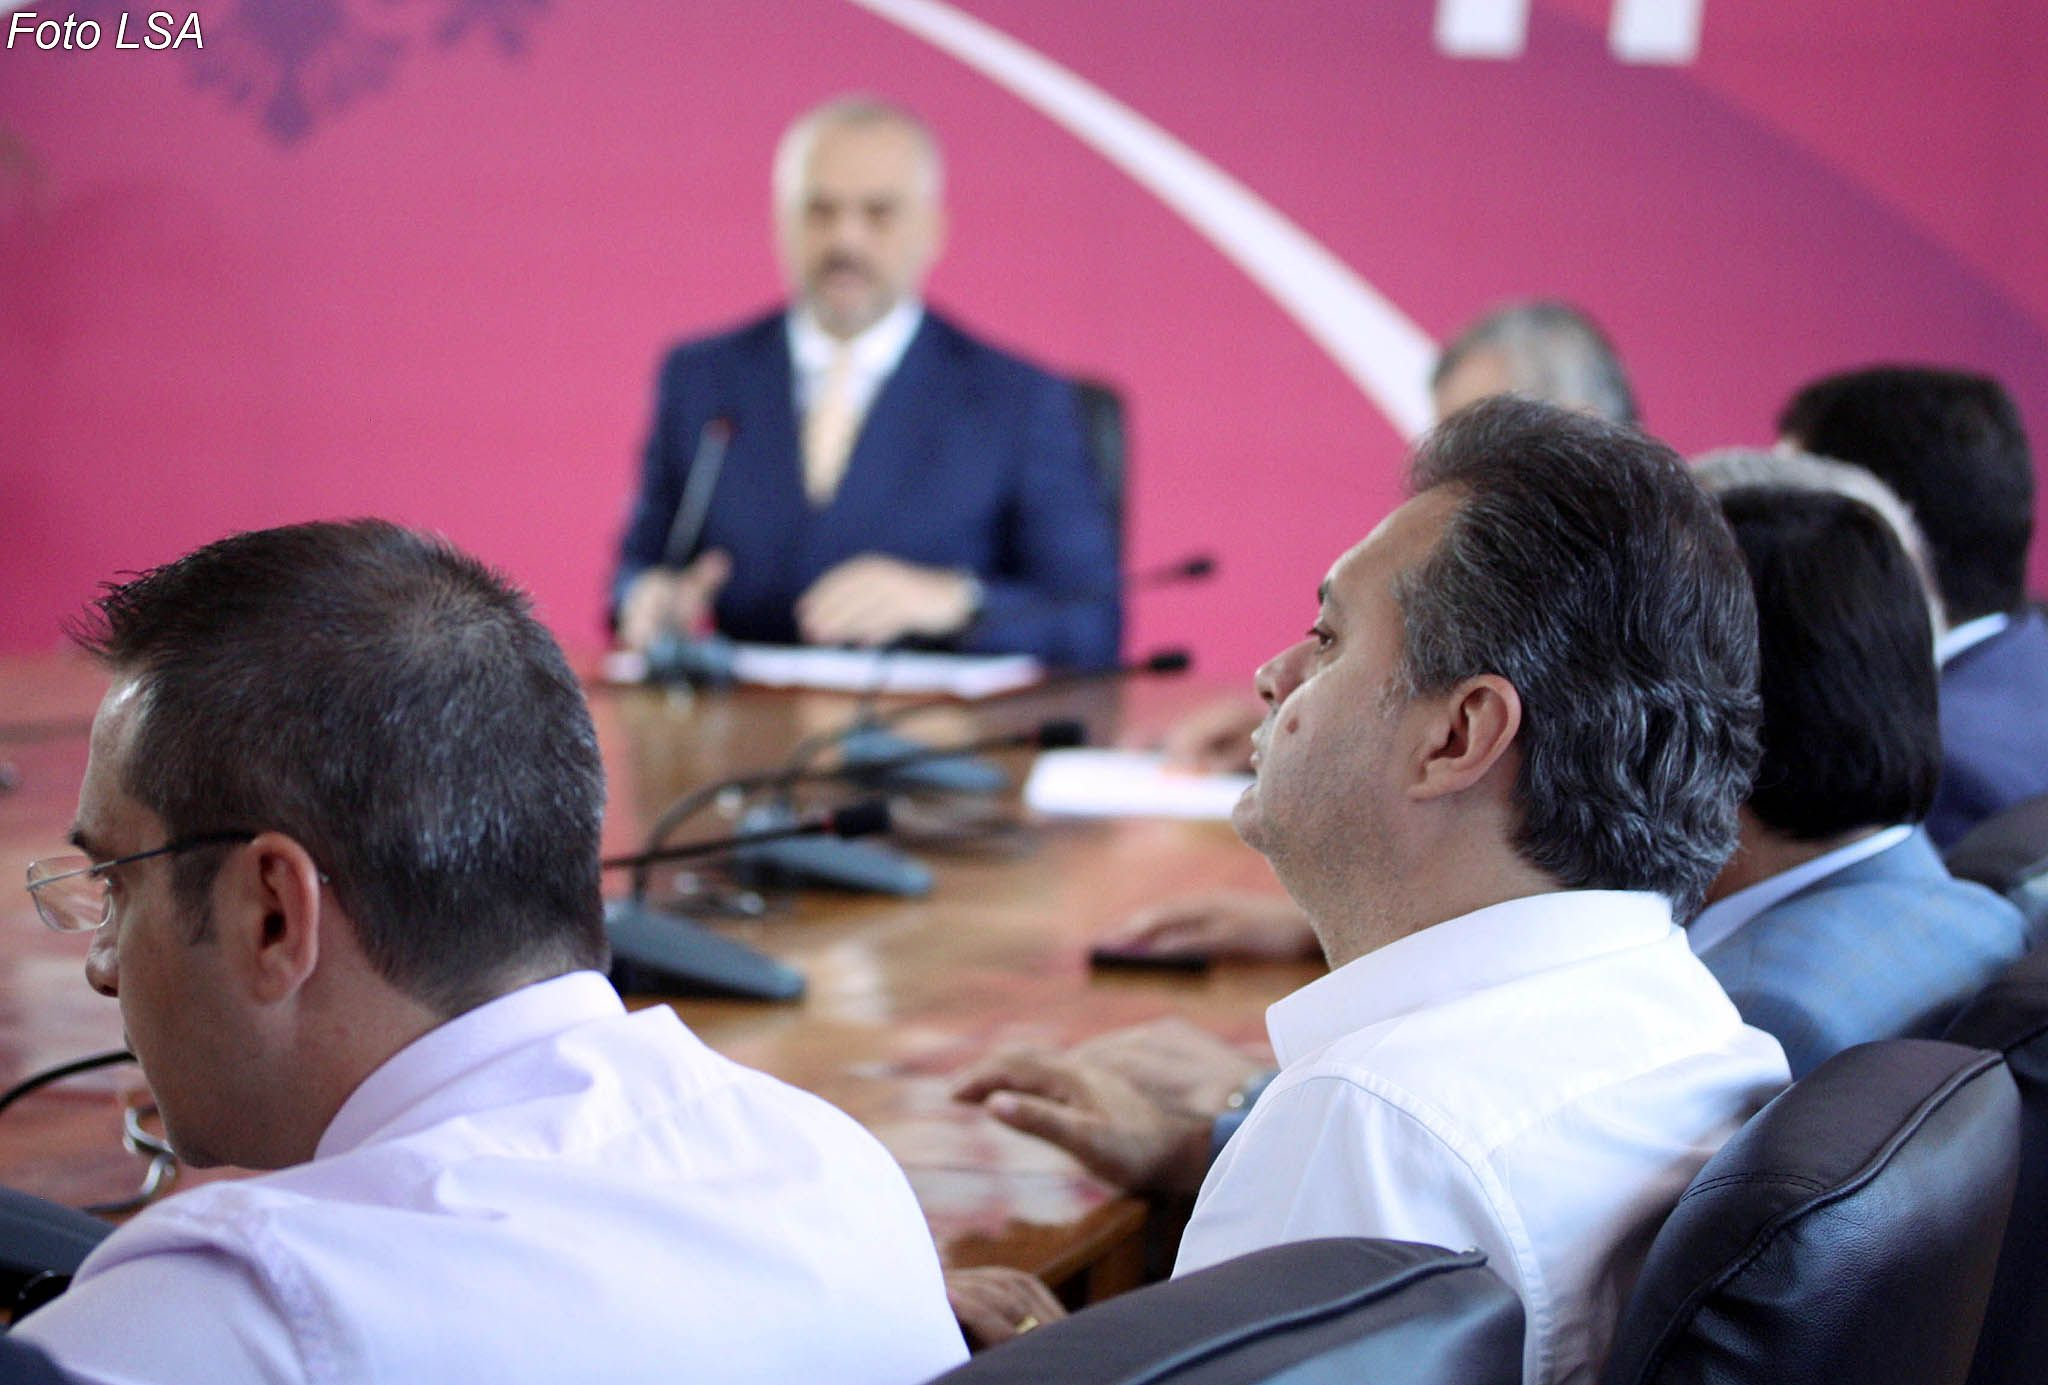 Deputeti i PS Ben Blushi dhe Ministri i Brendshem Saimir Tahiri, gjate nje mbledhje te grupit parlamentar te PS, ku Rama ka deklaruar se fale puneve te mira te kesaj qeverie, shpresat per rilindjen jo vetem nuk jane fikur por jane forcuar edhe me tej.